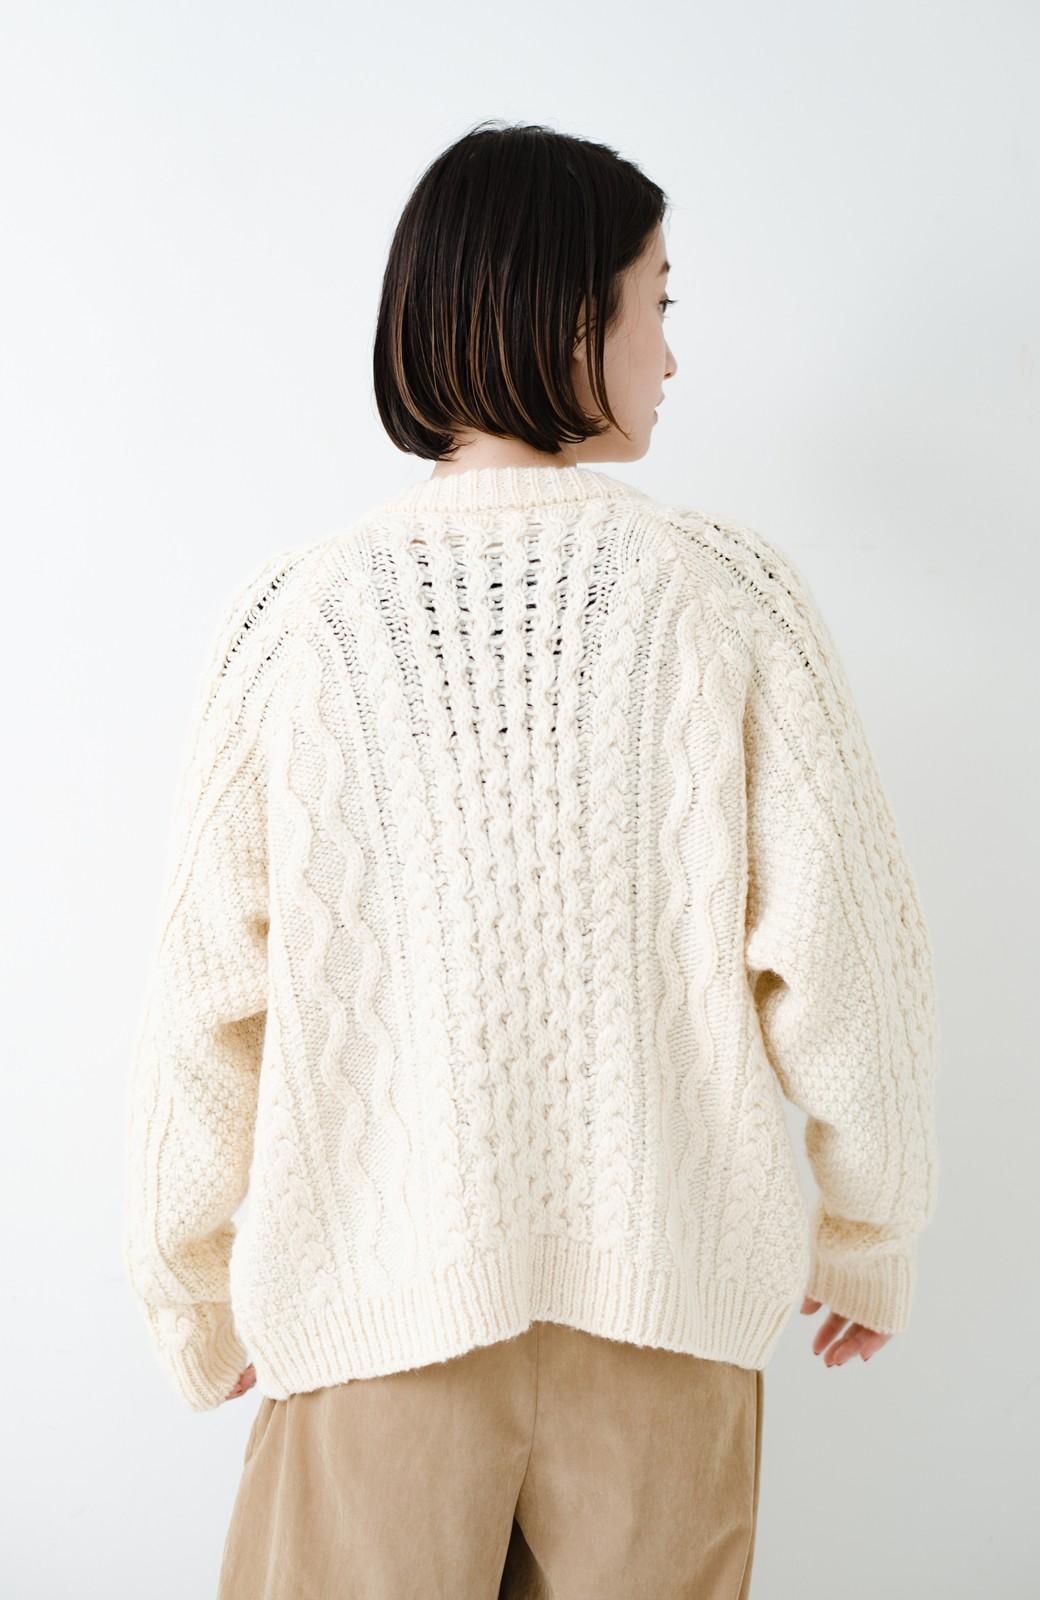 haco! 古着屋さんで見つけたようなもっふりケーブル編みカーディガン <オフホワイト>の商品写真23